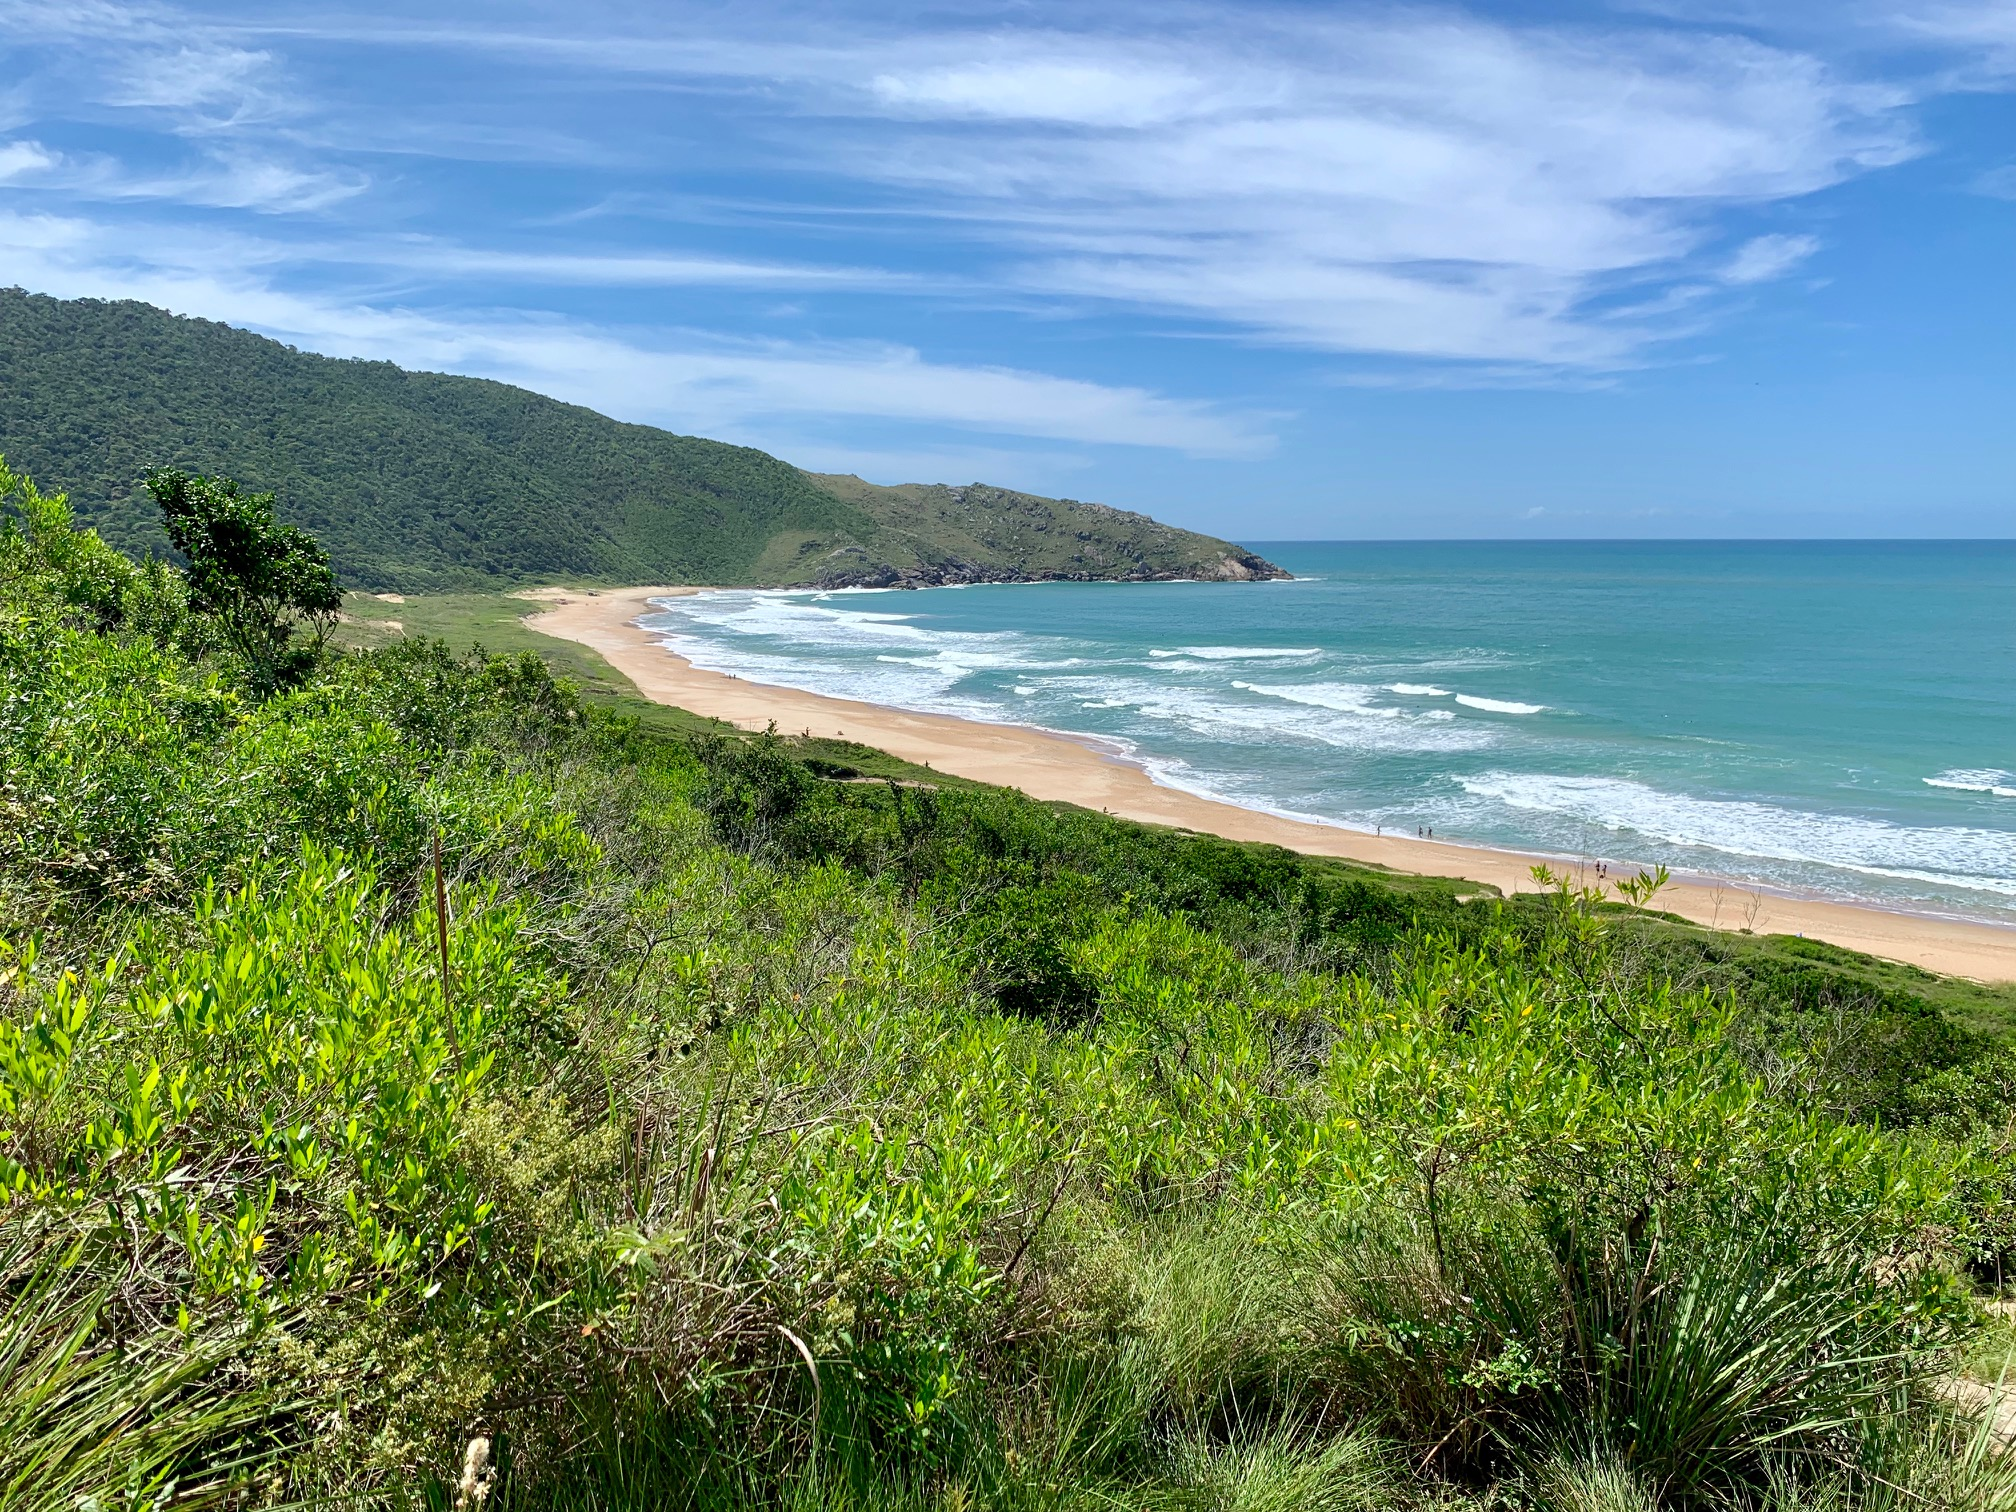 Cómo llegar a la playa Lagoinha do Leste